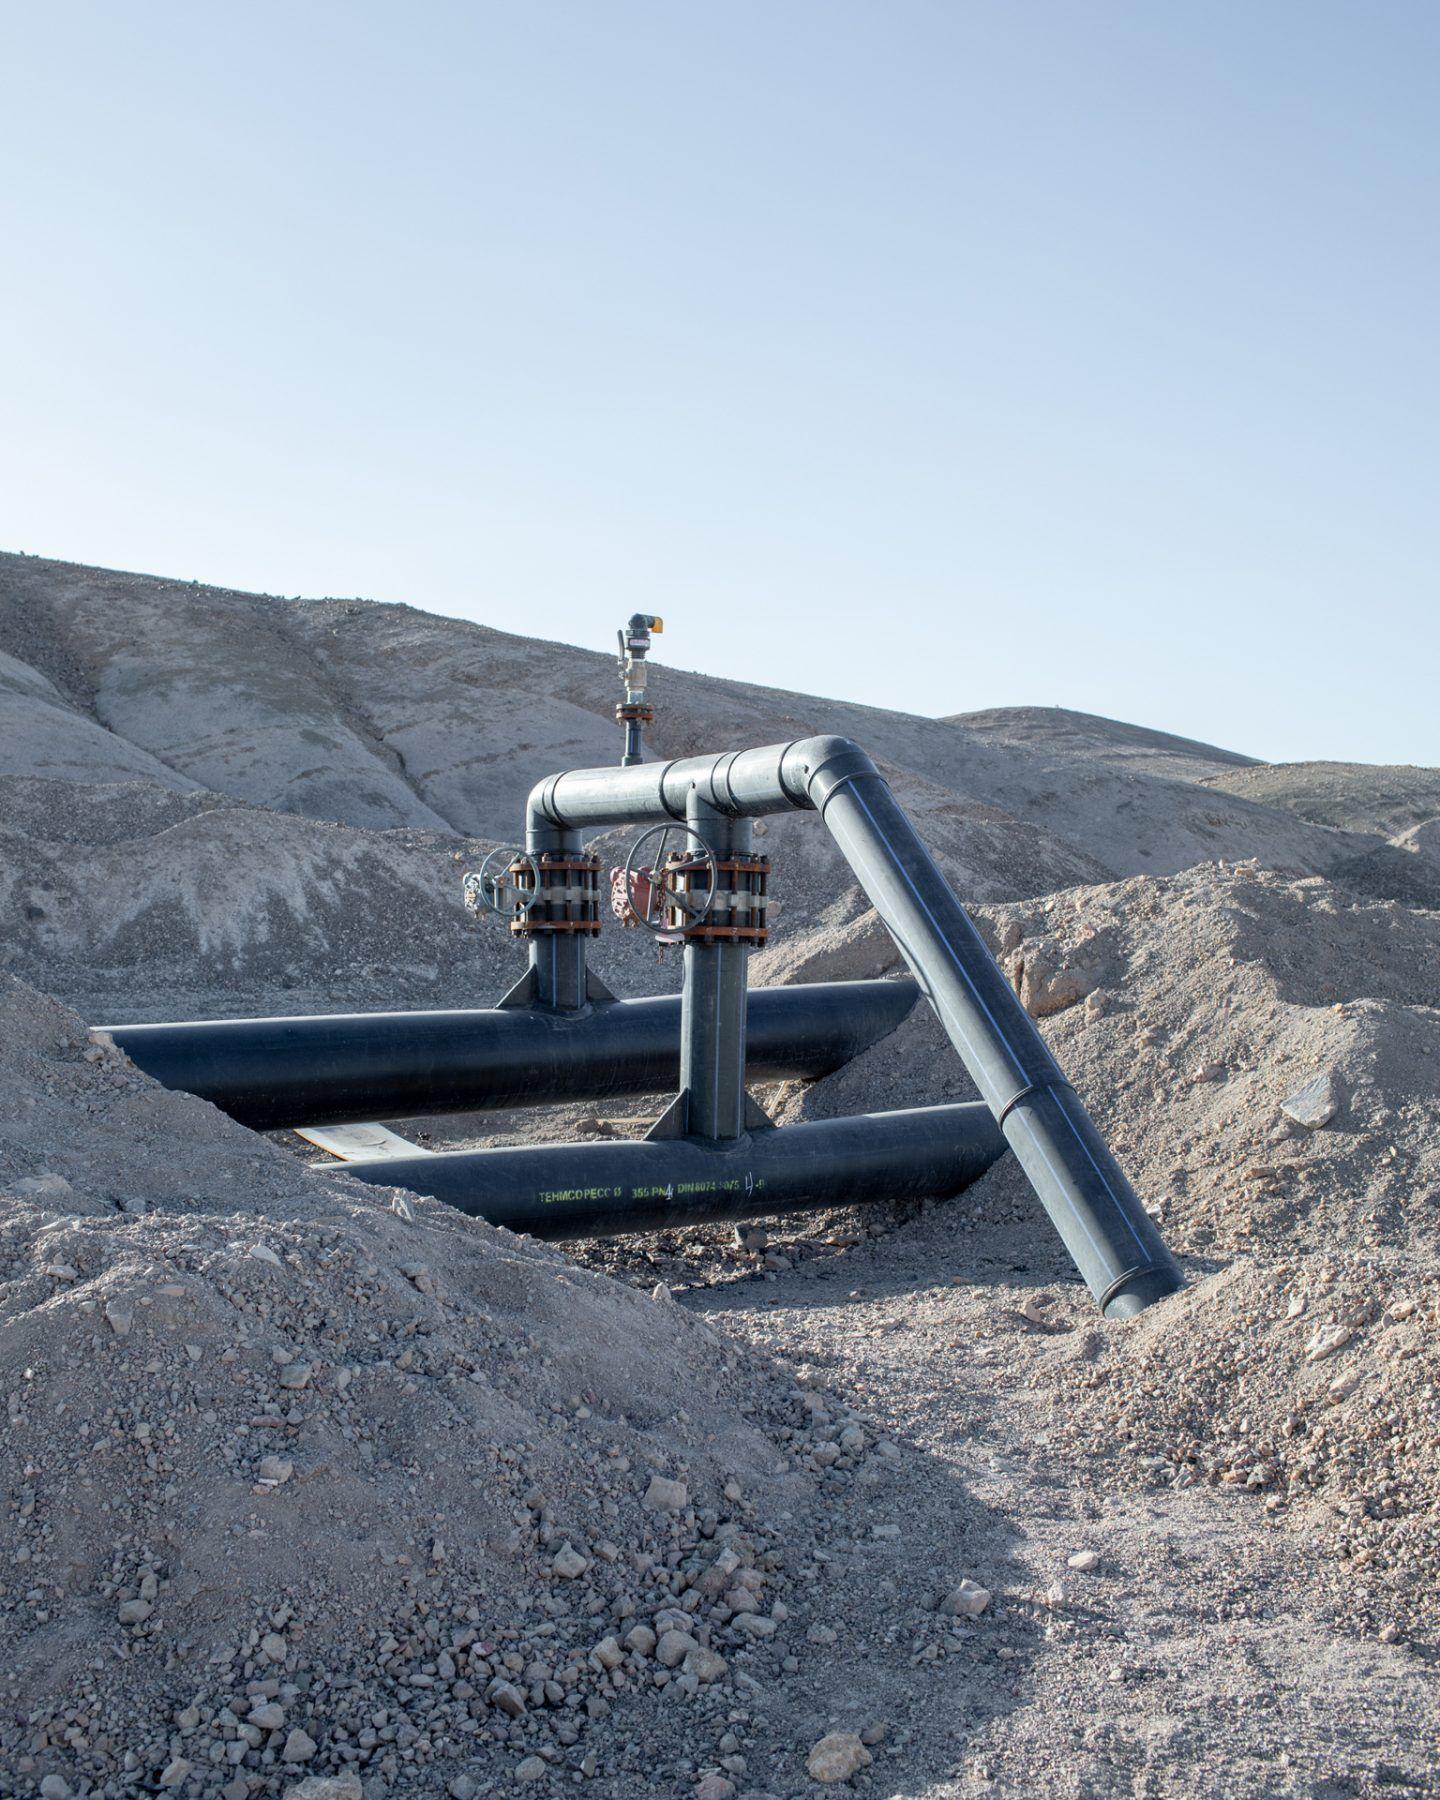 IGNANT-Photography-Marco-Szegers-Water-Mining-Exodus-04